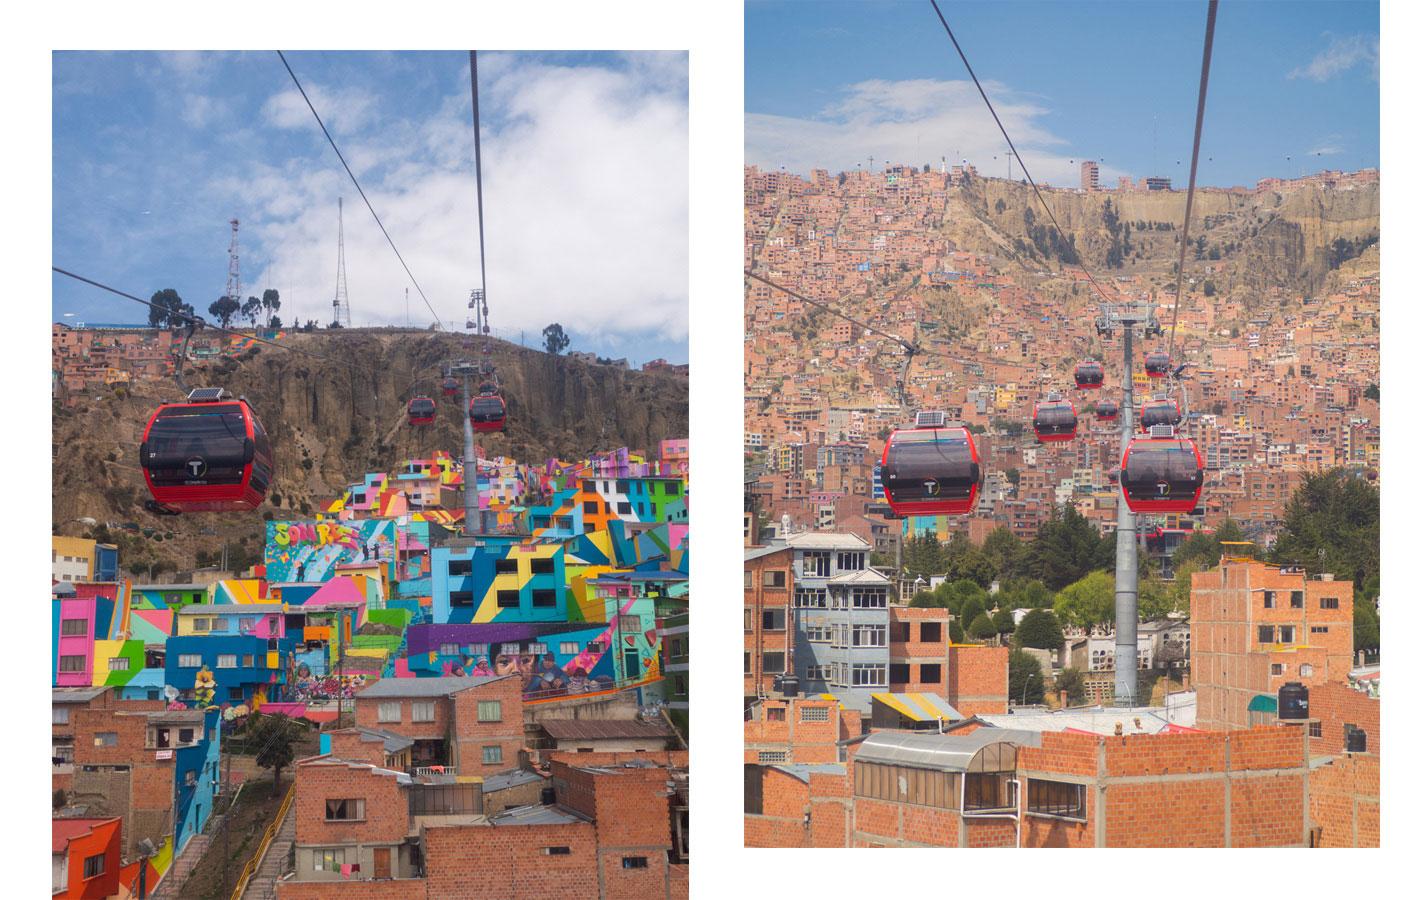 la paz bolivien 1 - Sehenswertes in La Paz und El Alto, Bolivien